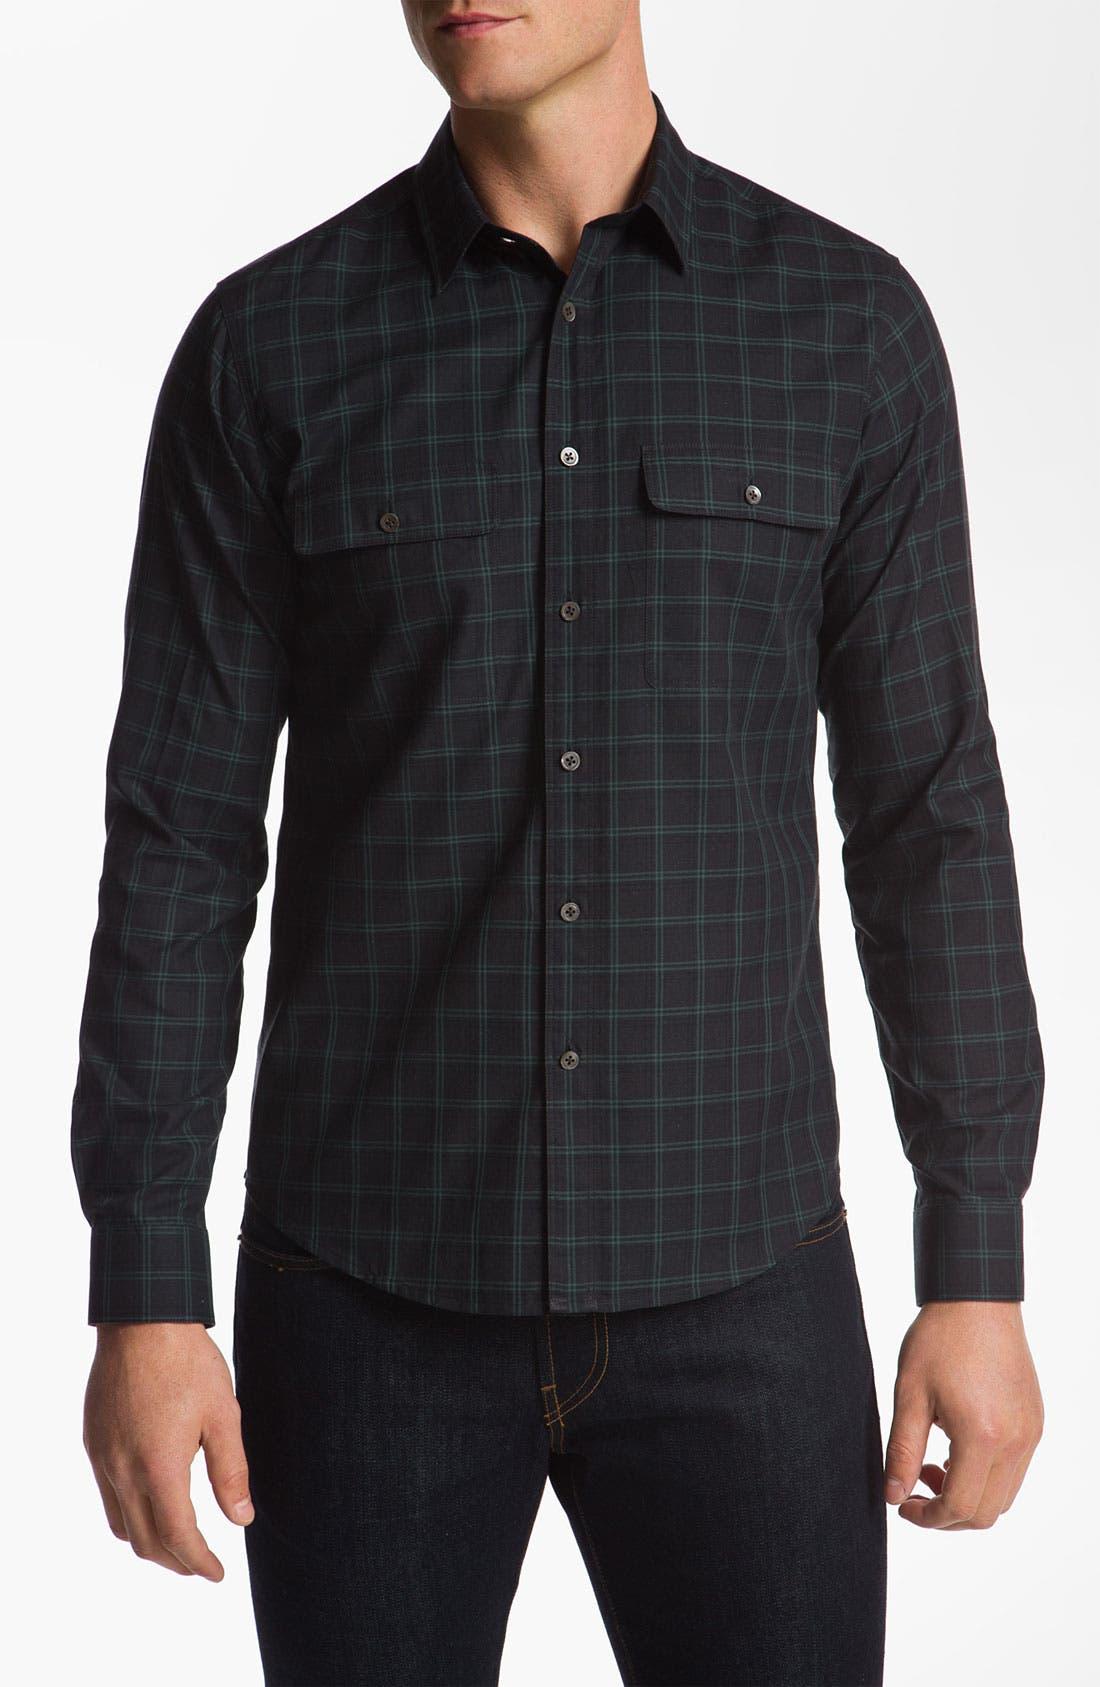 Main Image - Theory 'Morvan' Woven Shirt